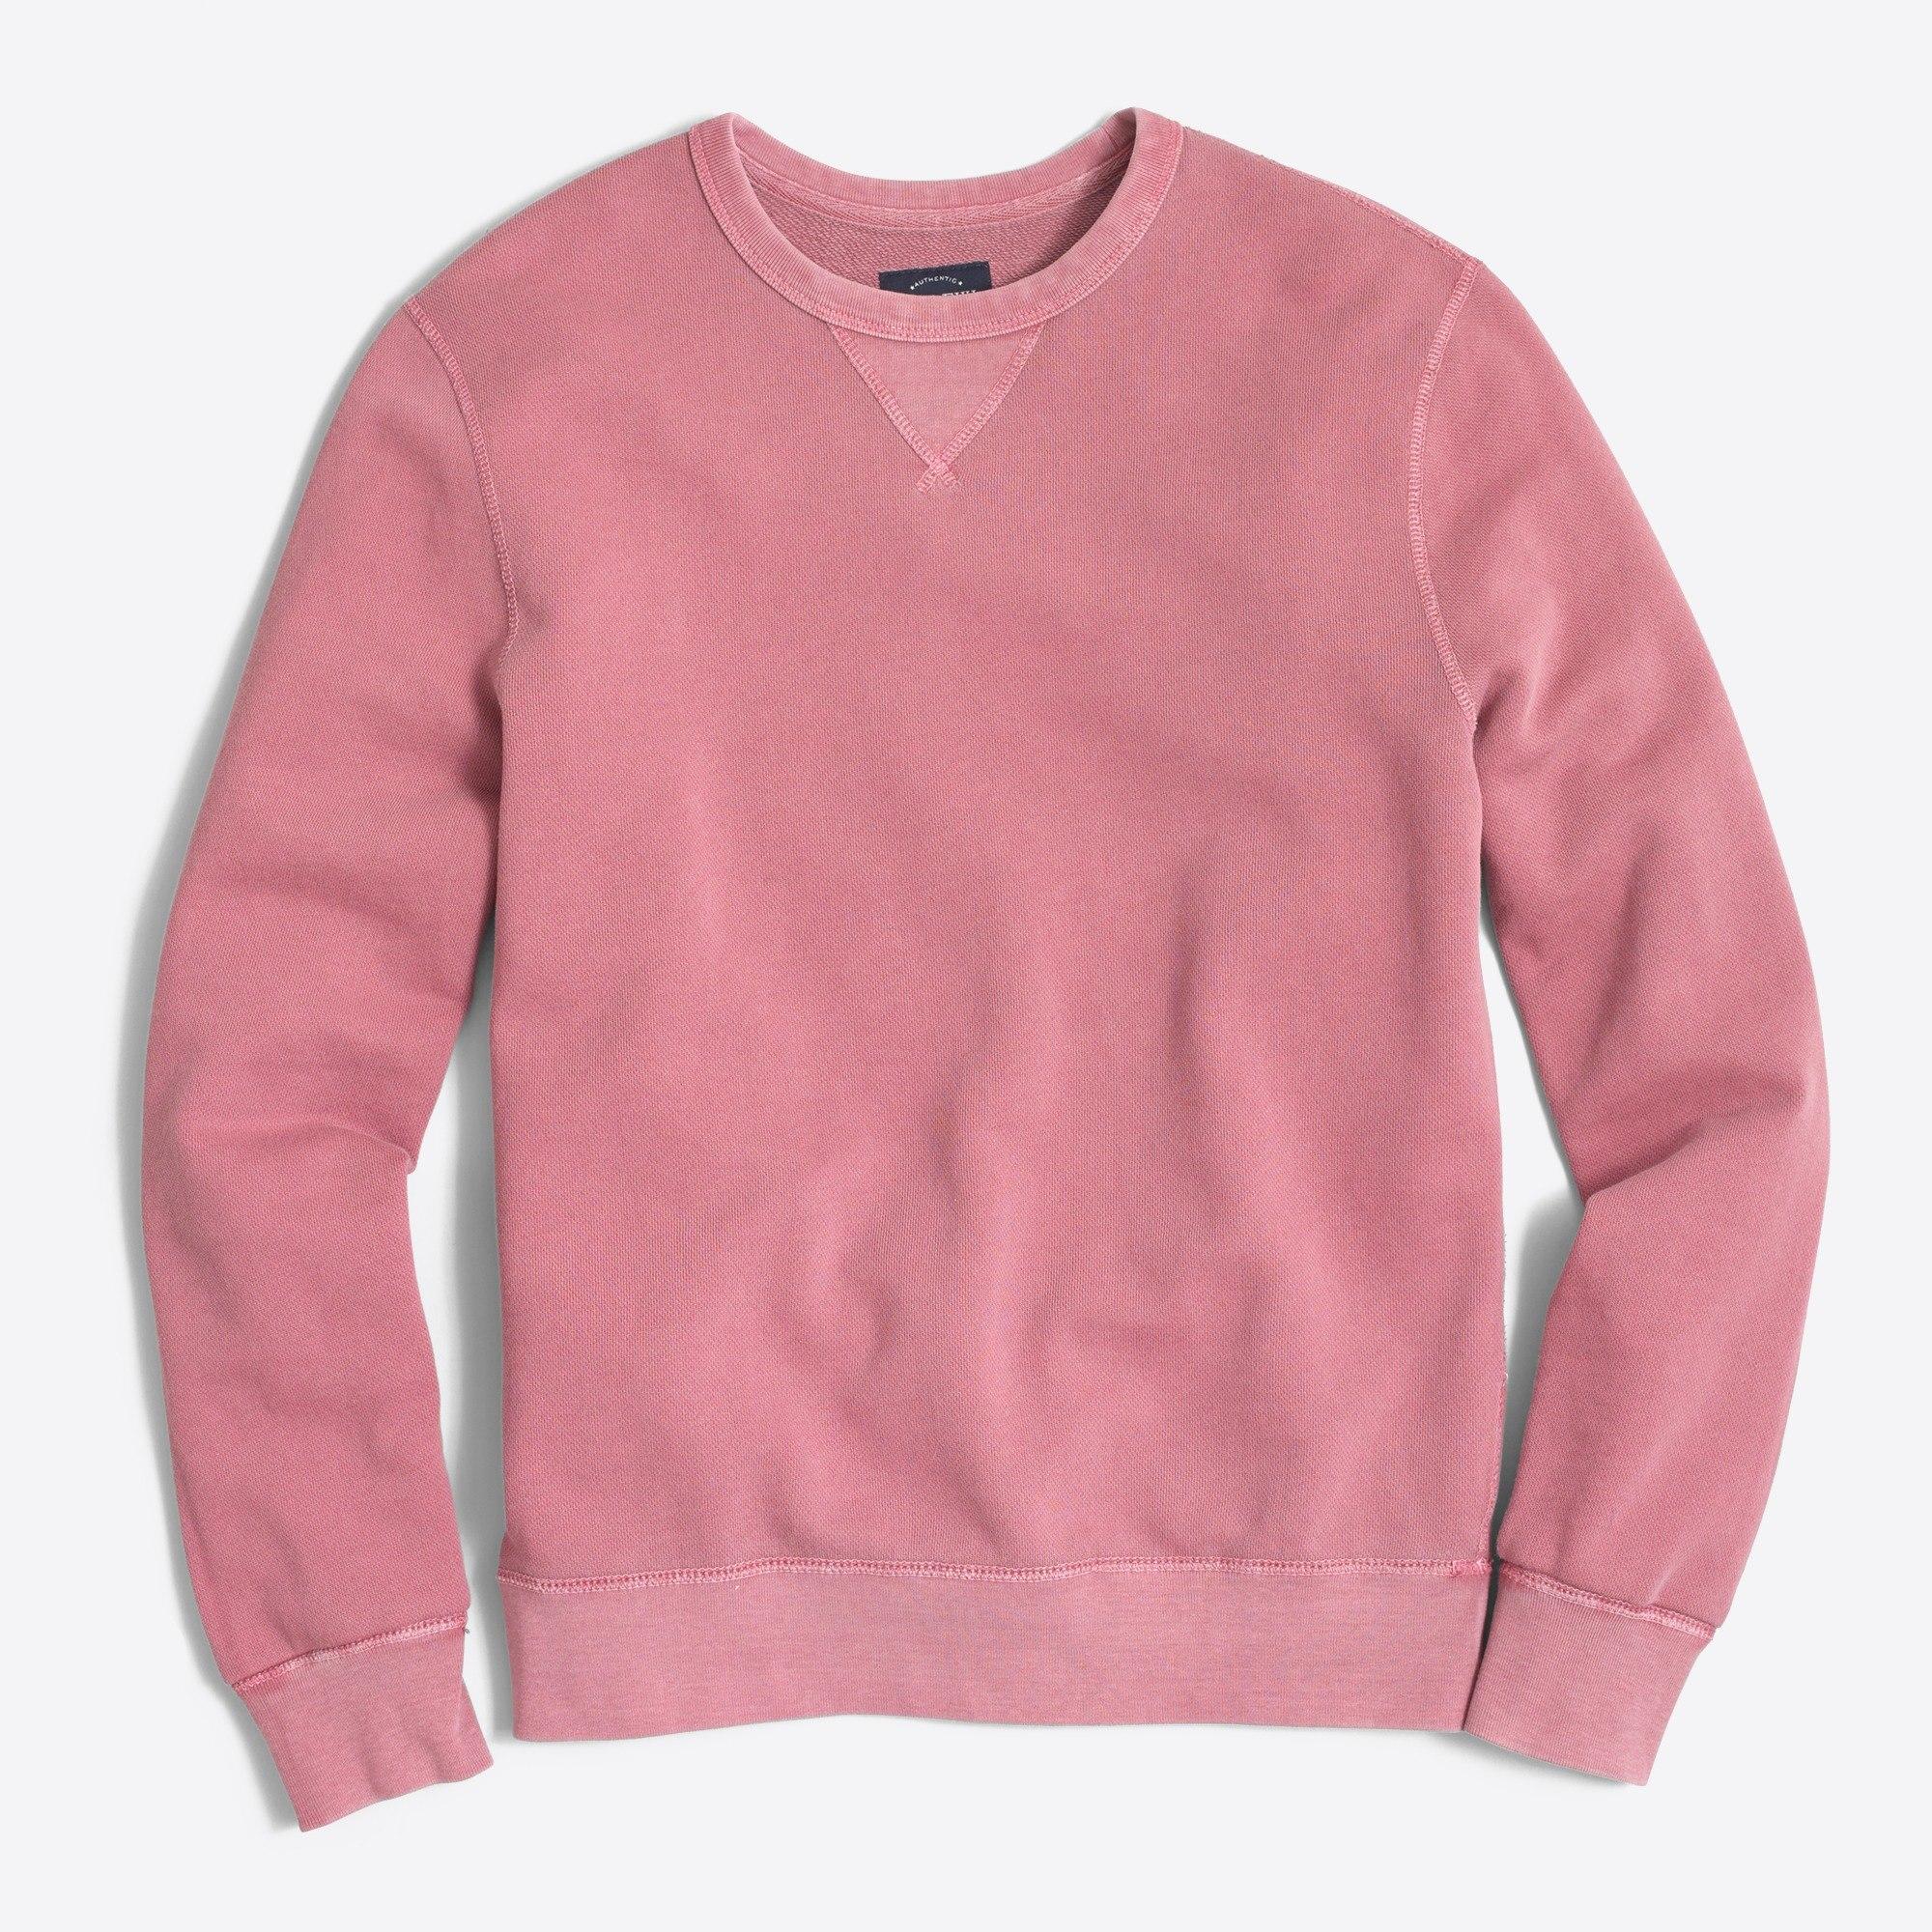 j crew sale sweatshirt